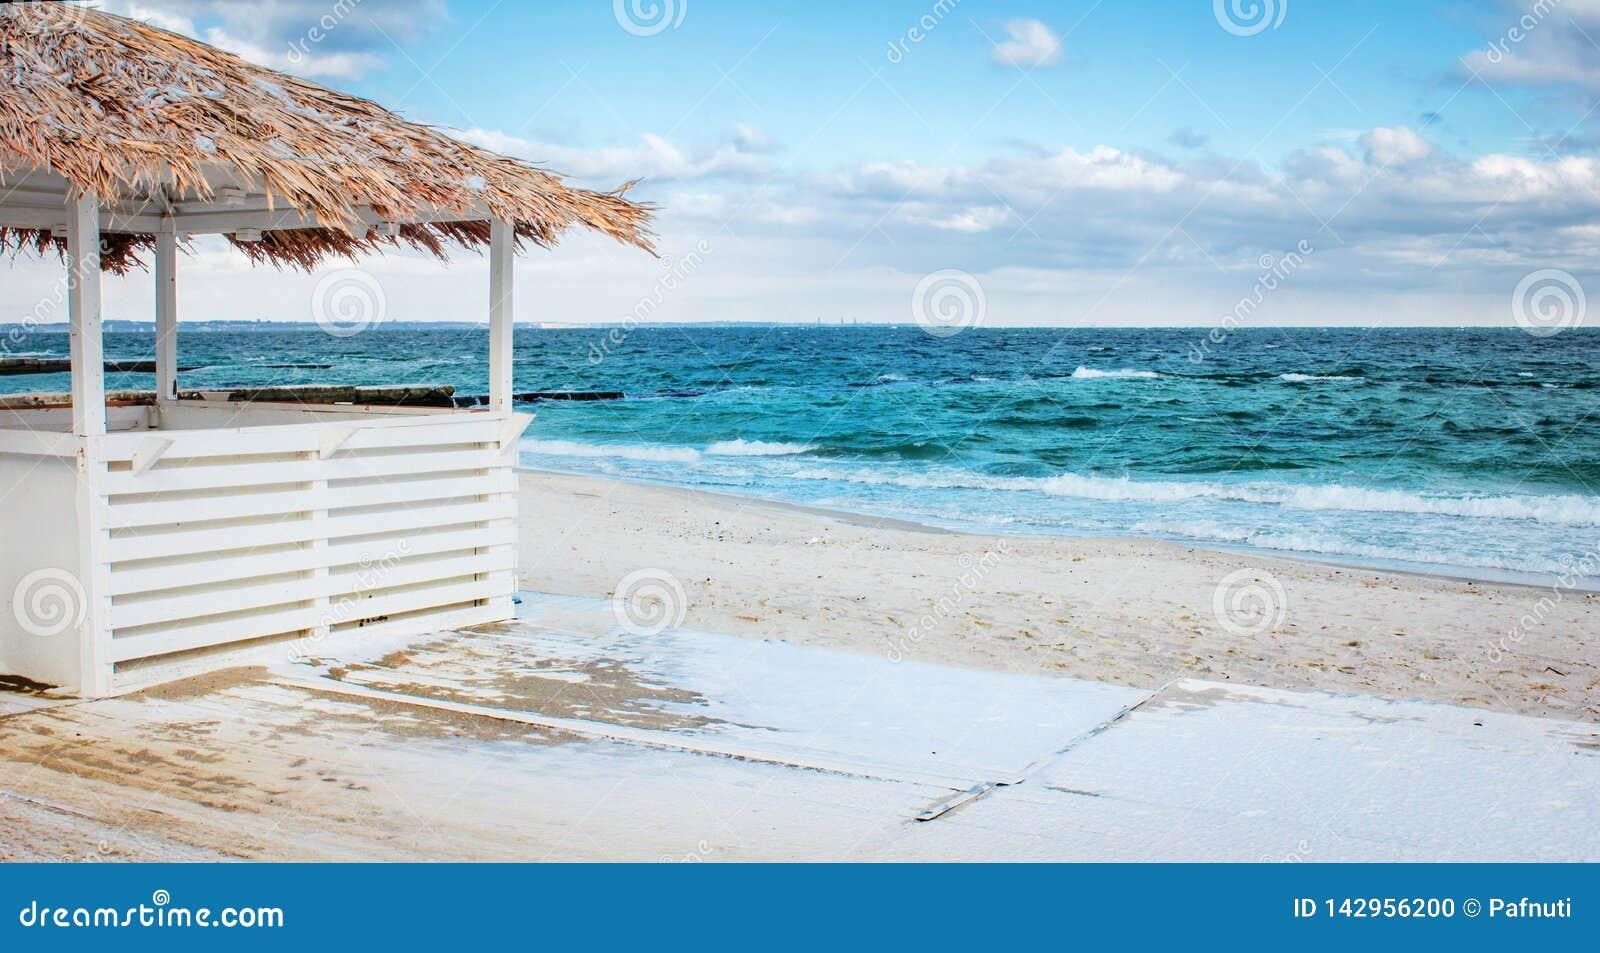 Casa de planta baja en una playa arenosa por el mar